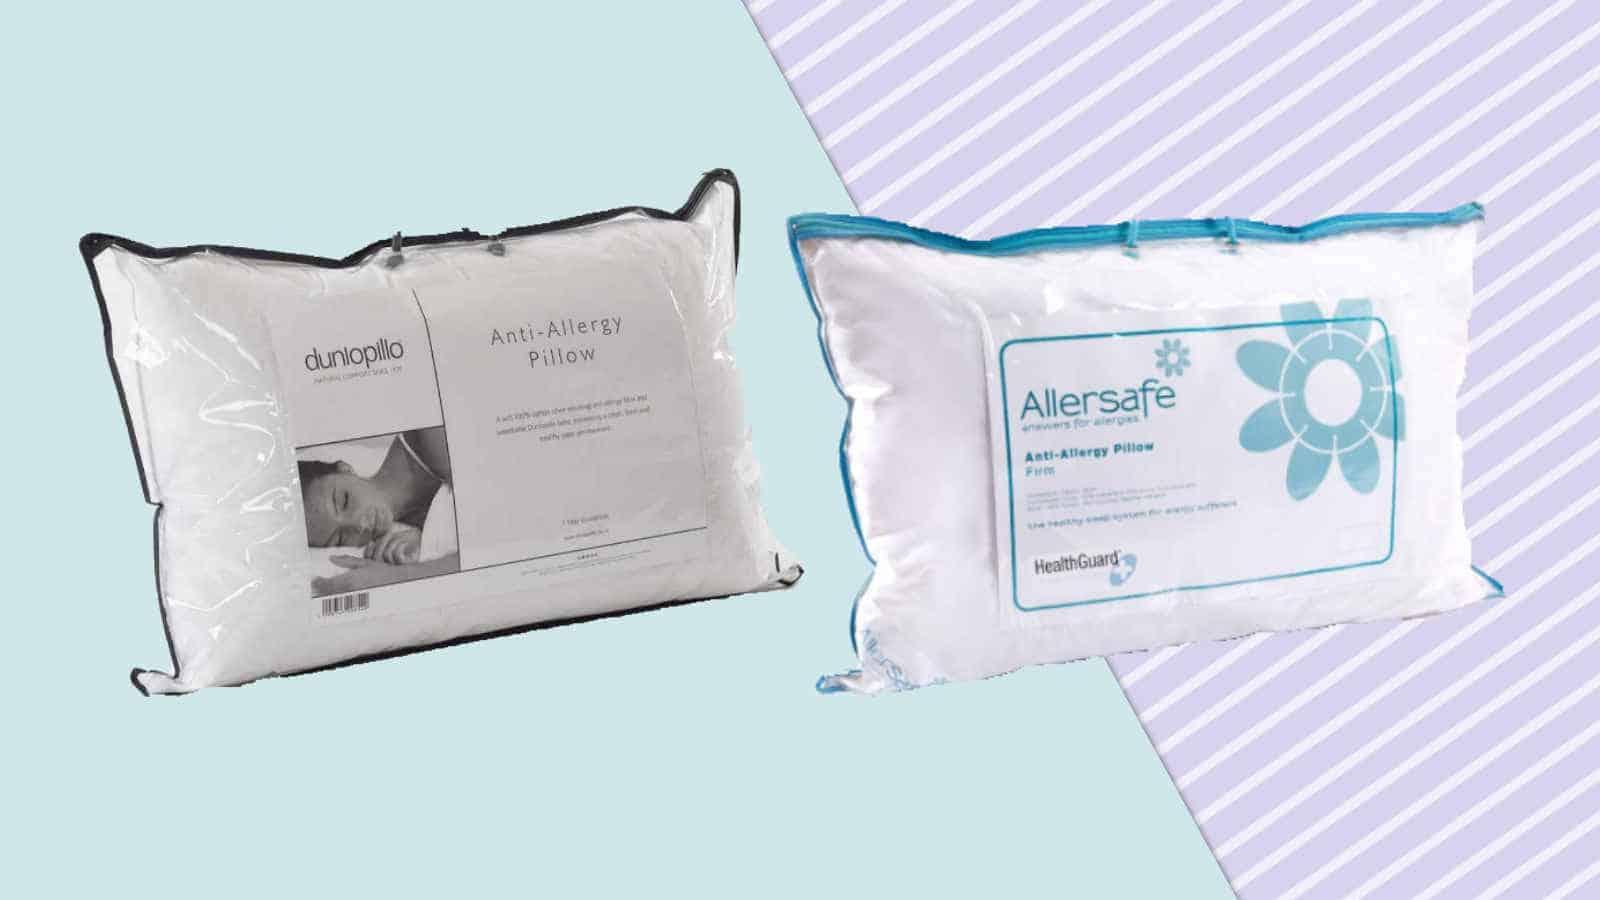 Allergiker Kissen- Die 3 besten Kissen für Allergiker | Vergleich